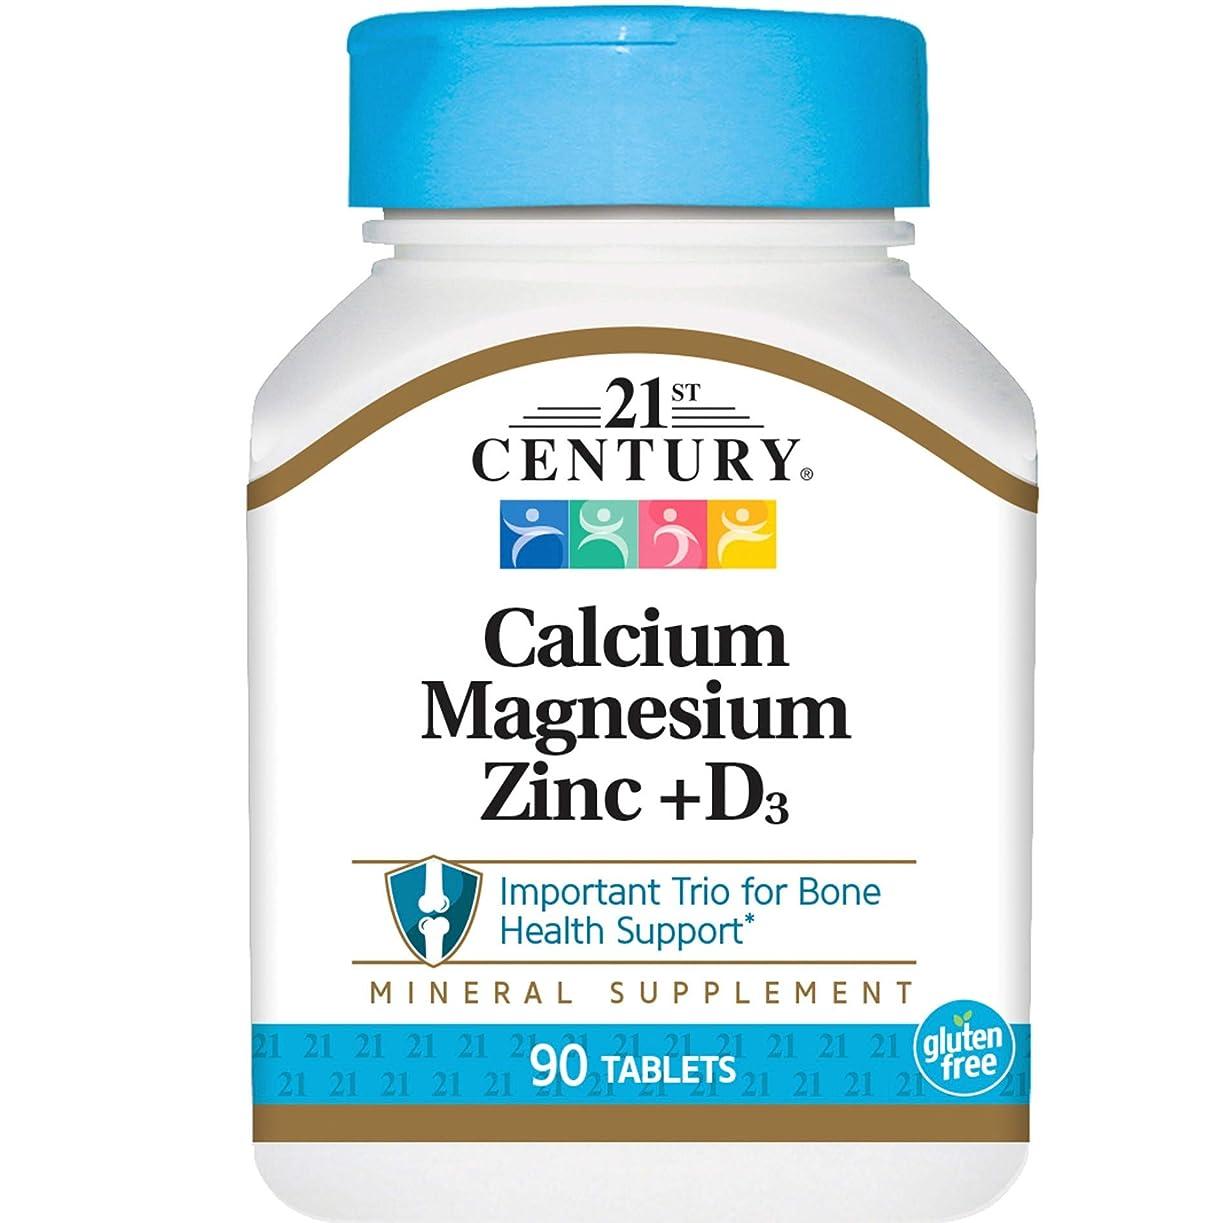 良さ悩む解明する21st Century Health Care カルシウム マグネシウム 亜鉛 ビタミンD3, 90錠